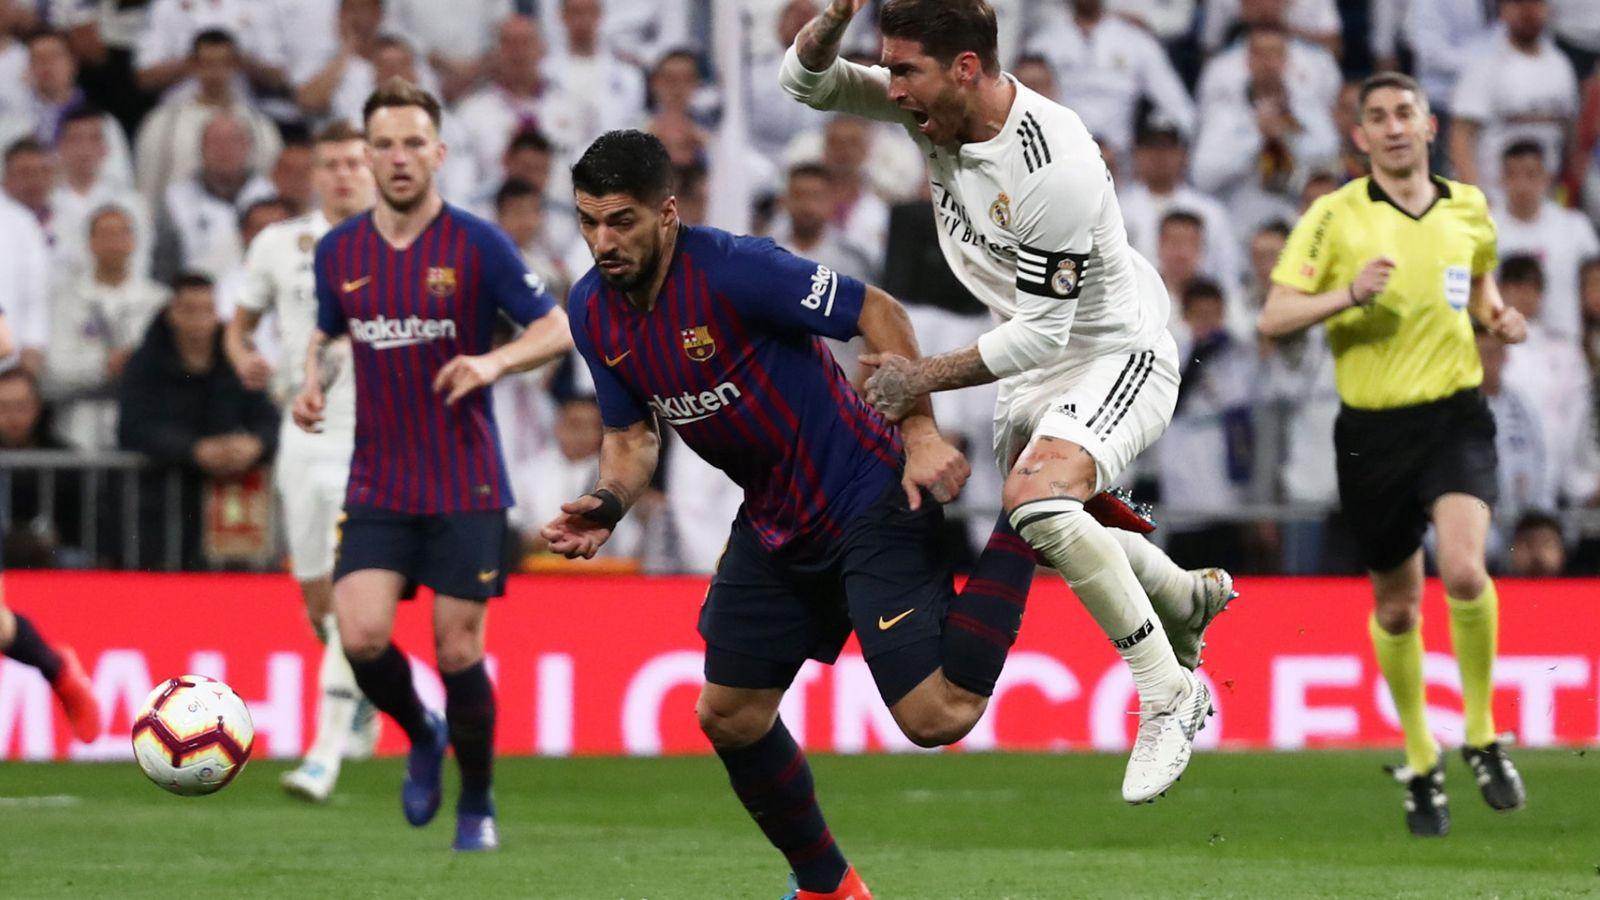 Foto: Ramos y Suárez en un partido de la liga pasada. (REUTERS)